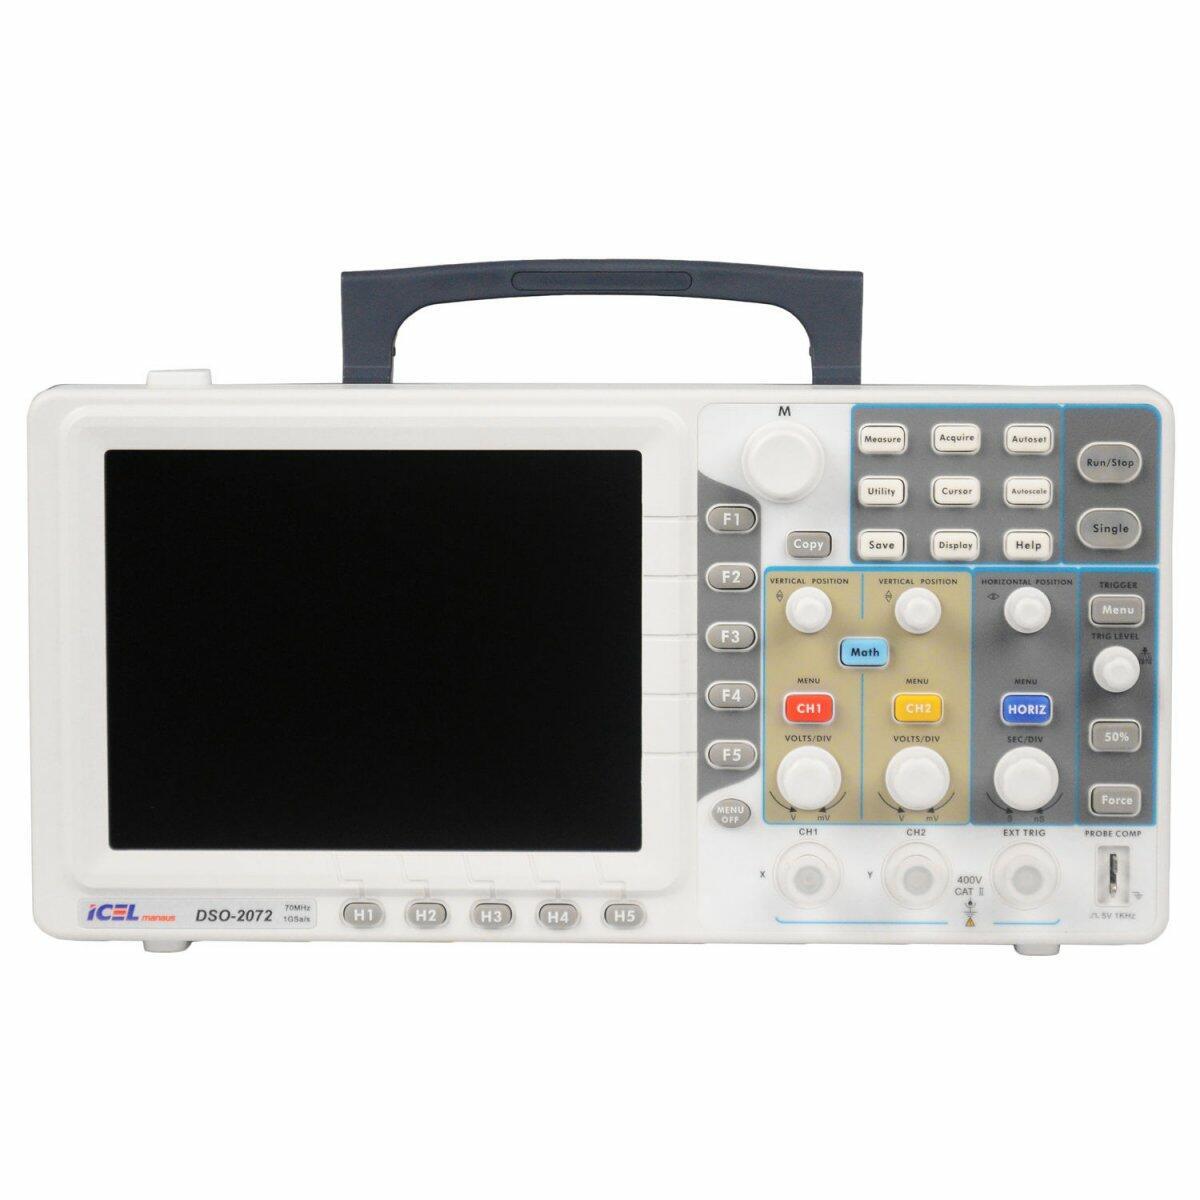 Osciloscópio Digital 70MHz Dso-2072 Icel - 120/240V